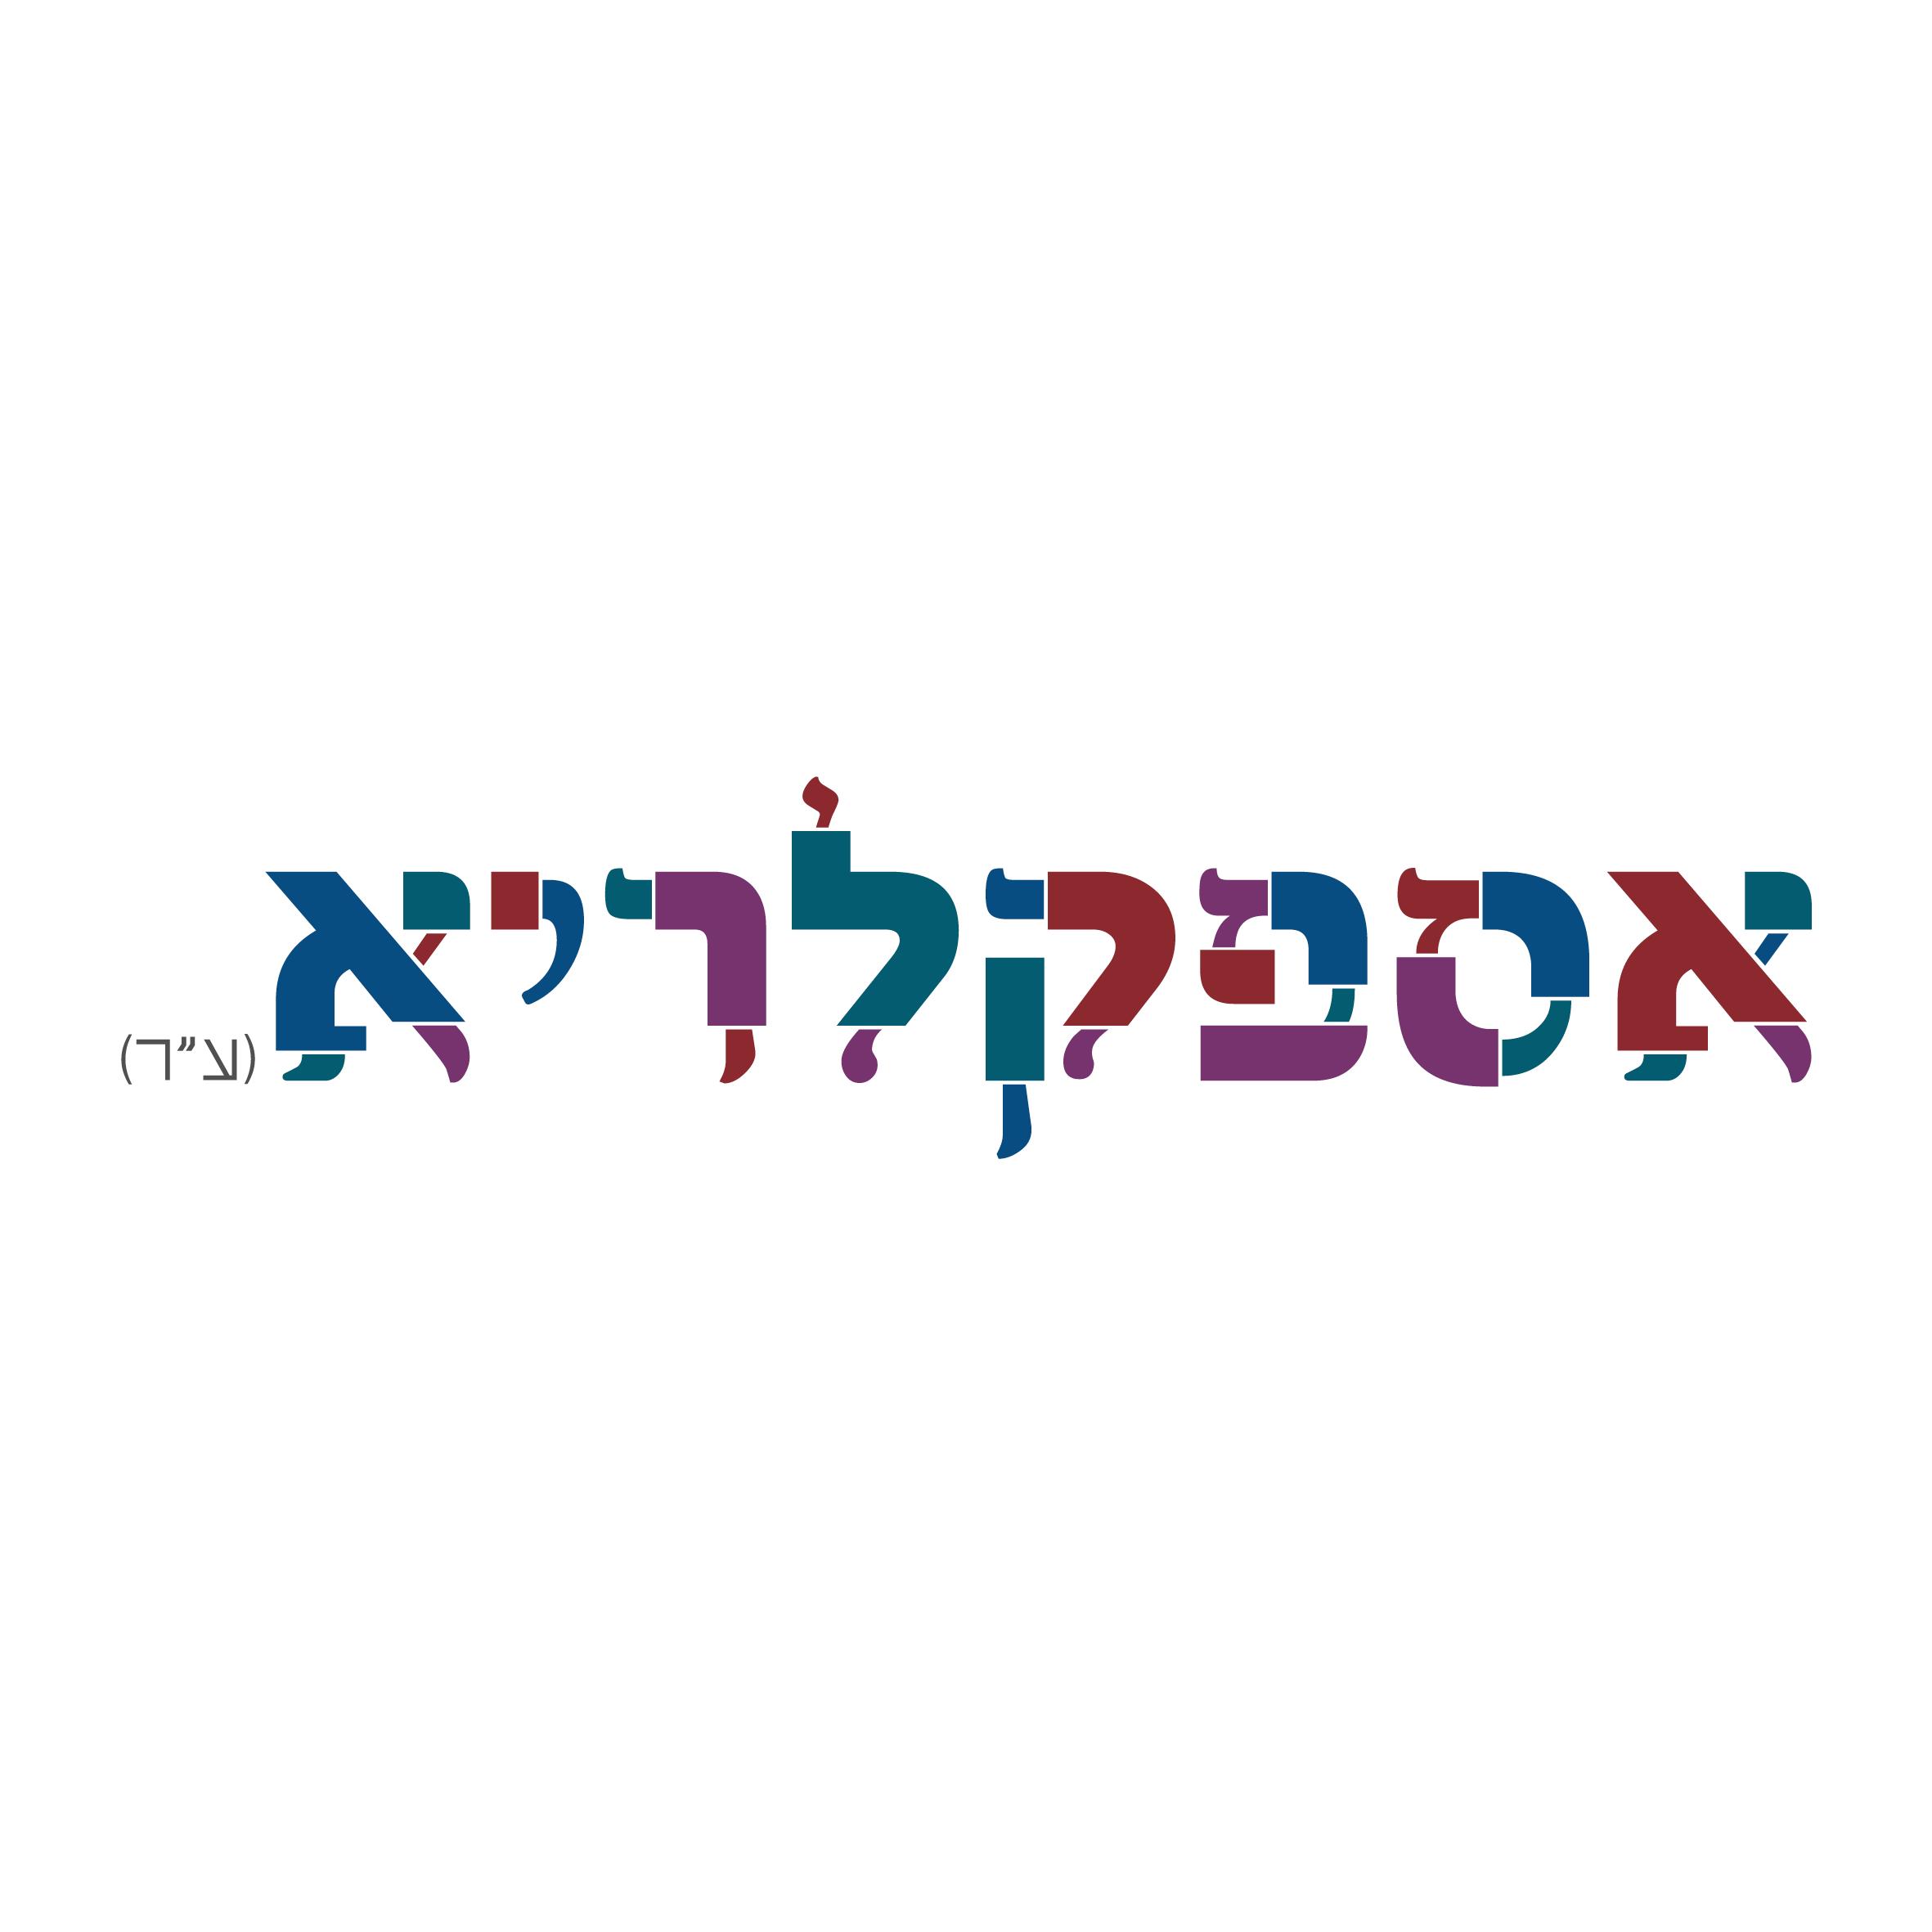 תיאטרון אספקלריא מתחם התחנה הראשונה ירושלים